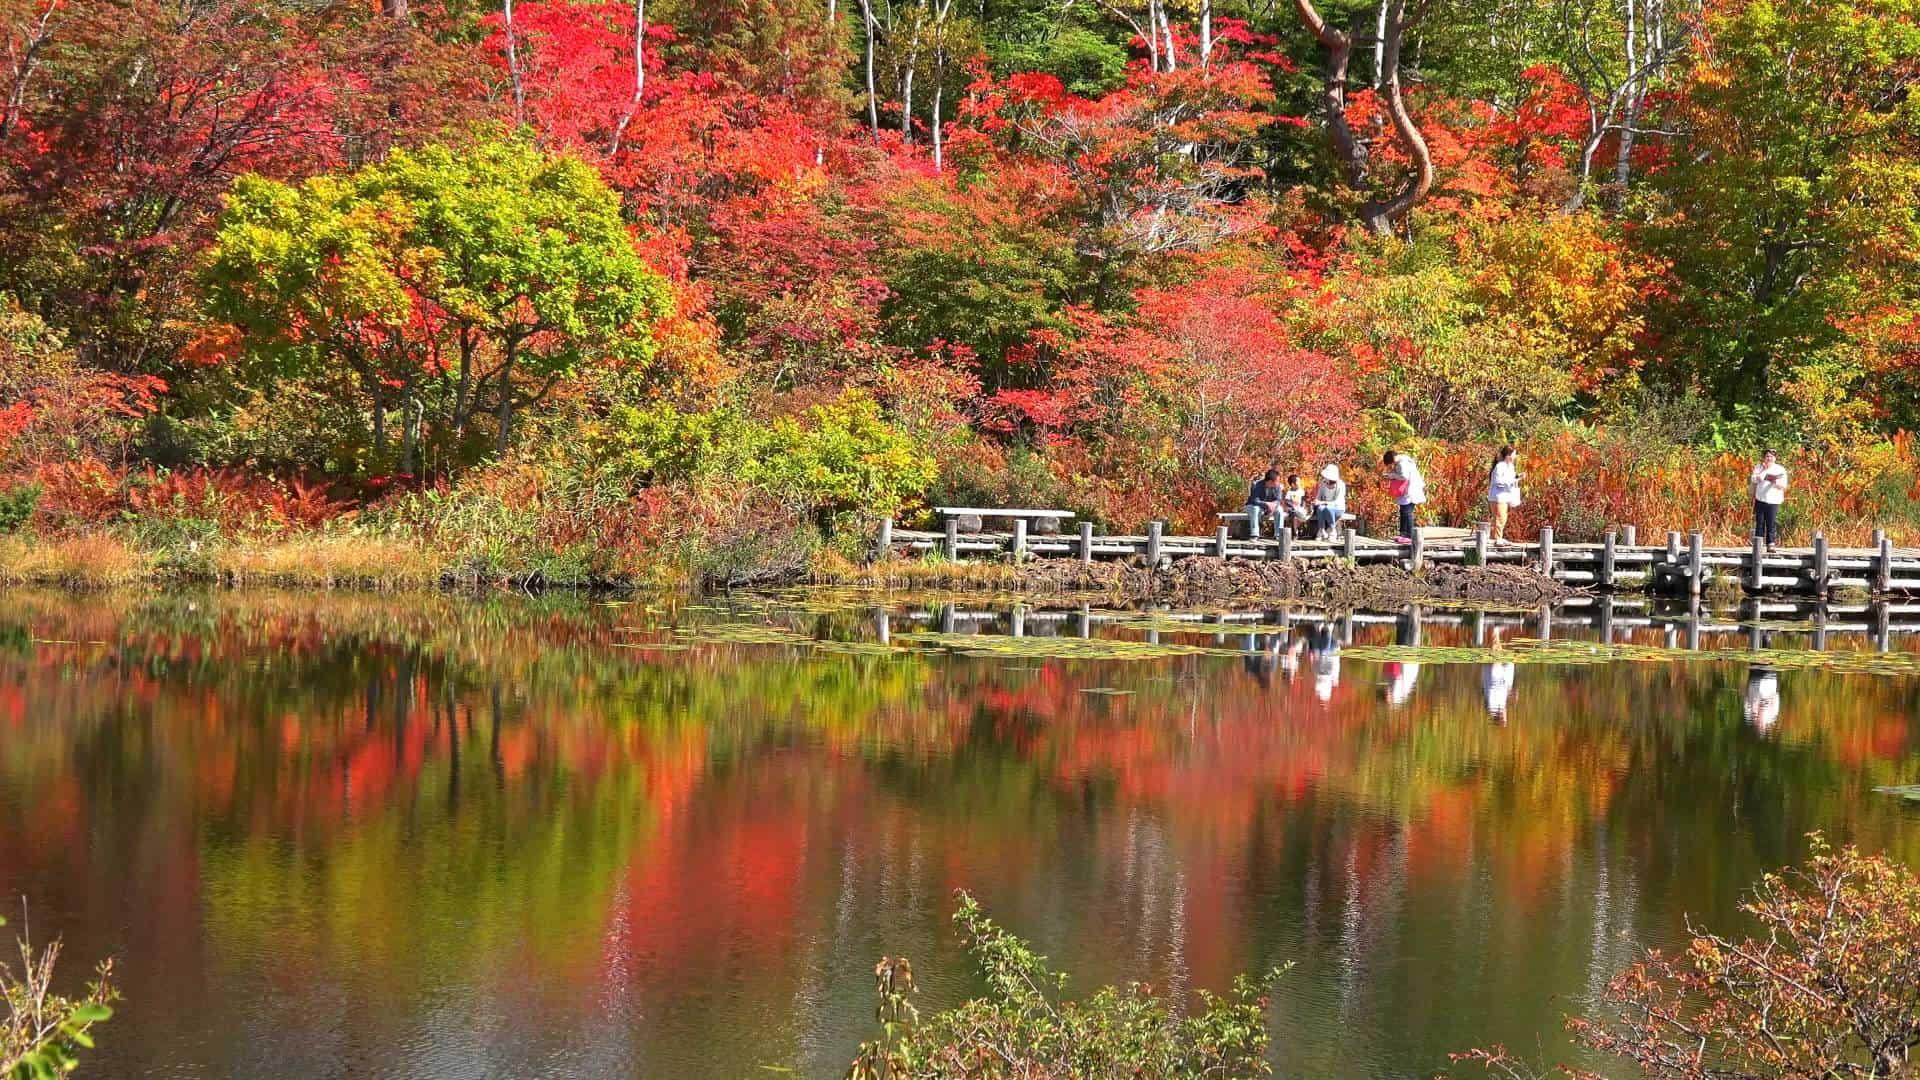 ทะเลสาบโอนุมะ จุดชมใบไม้เปลี่ยนสีในชิกะโคเกน